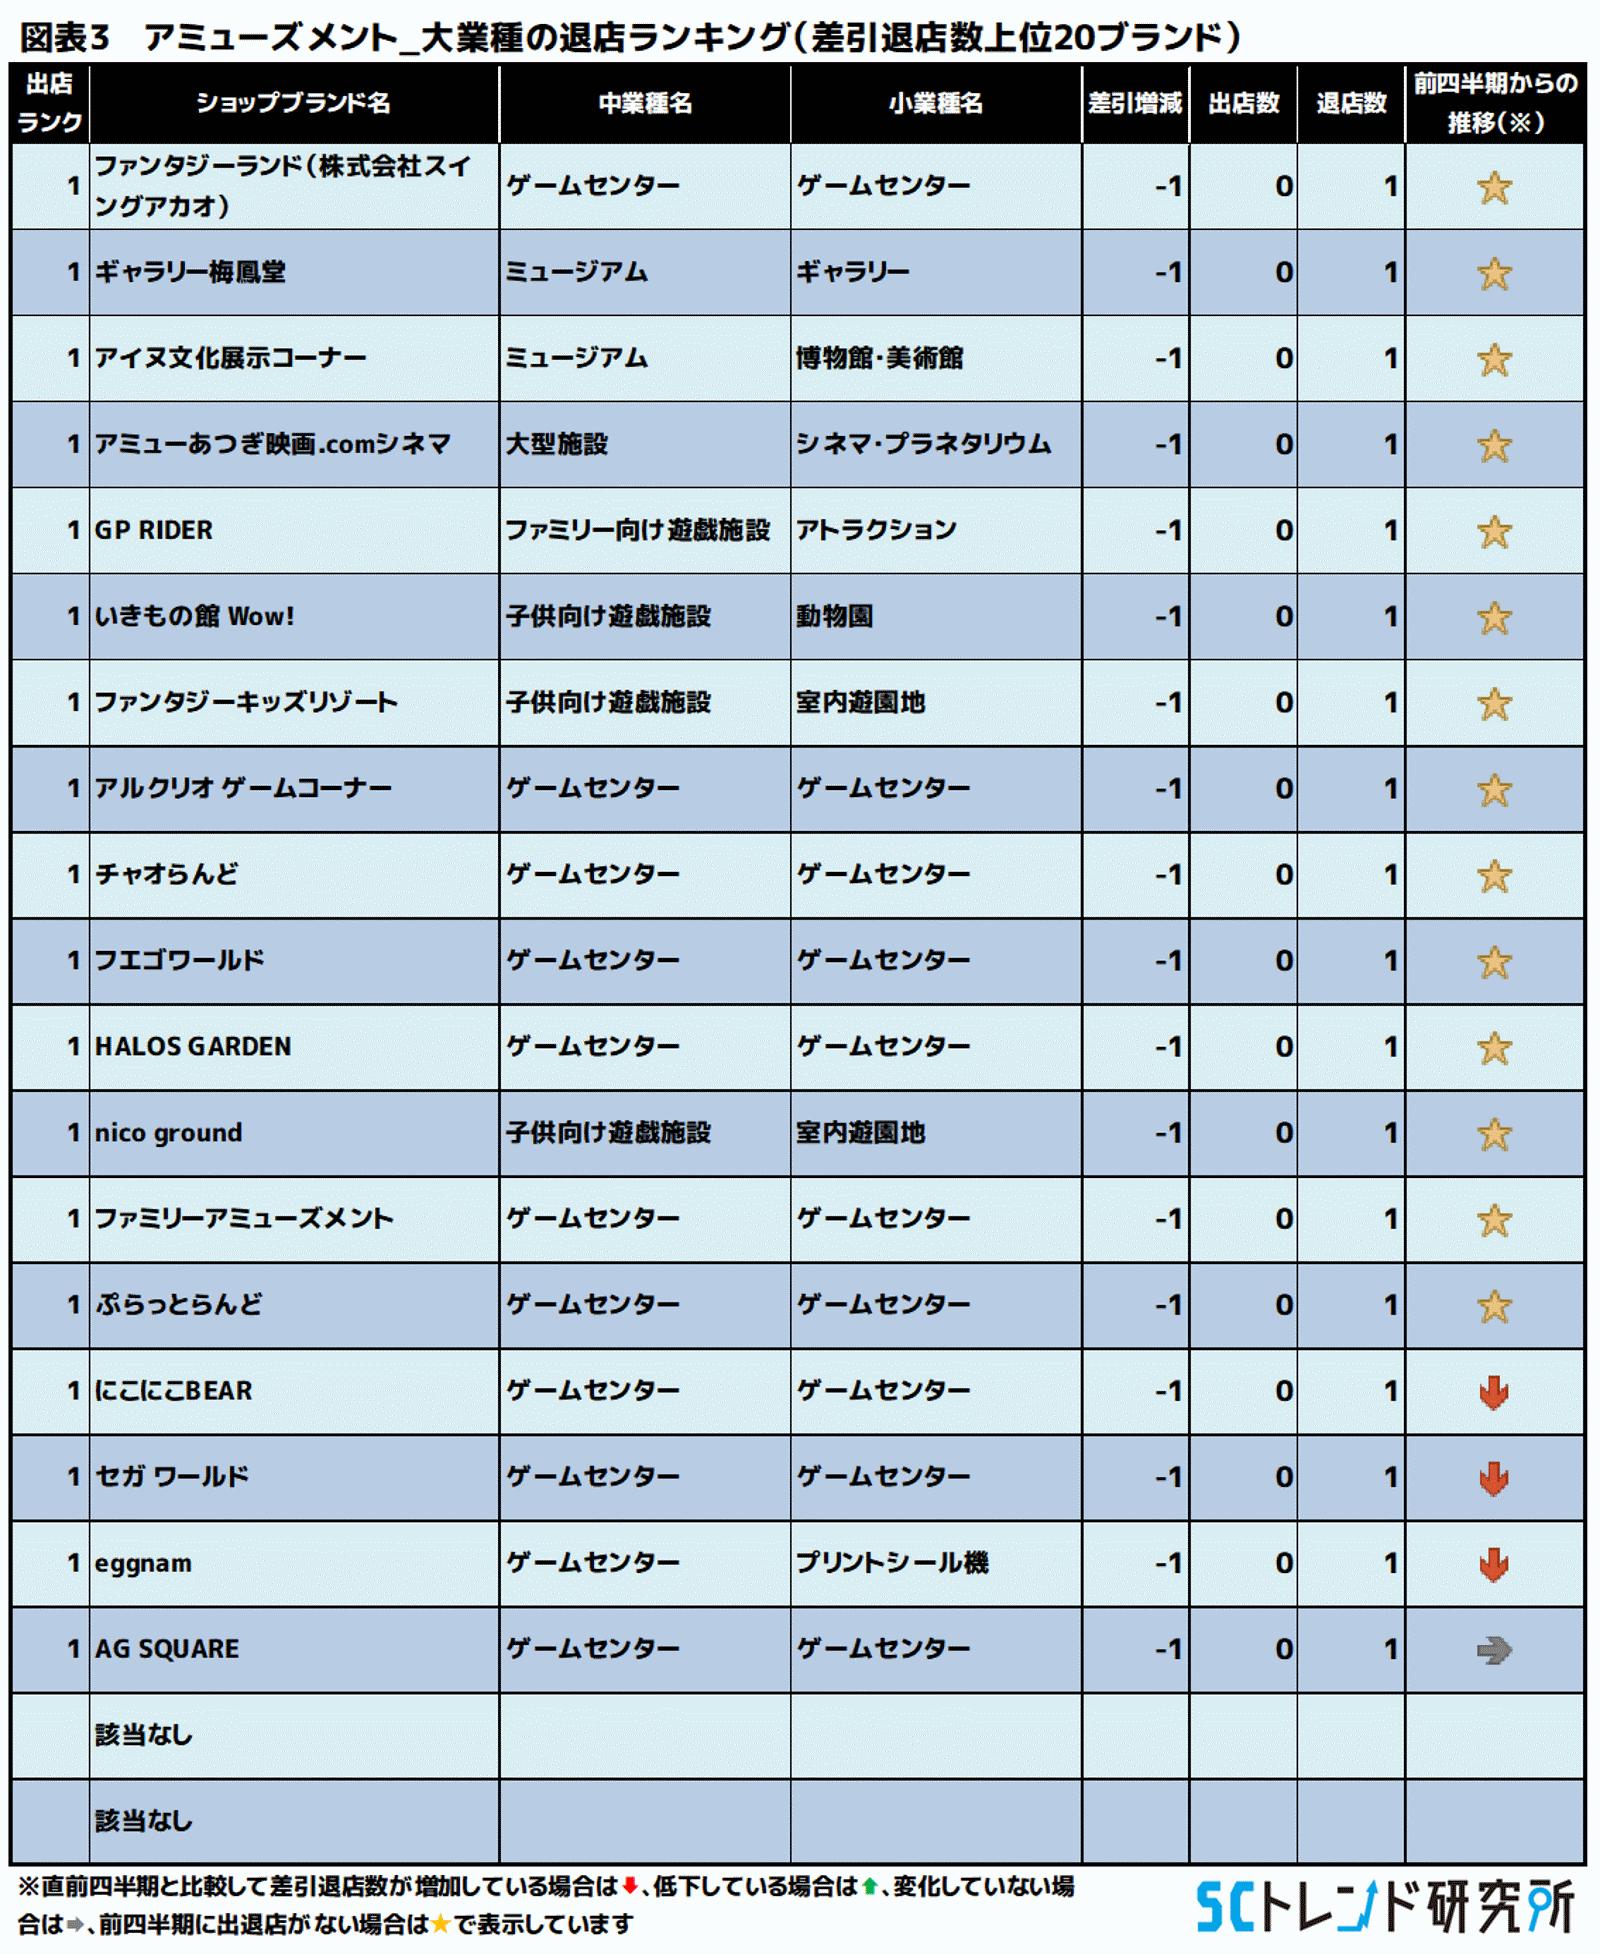 図表2 アミューズメント_大業種の退店ランキング(差引退店数上位20ブランド)